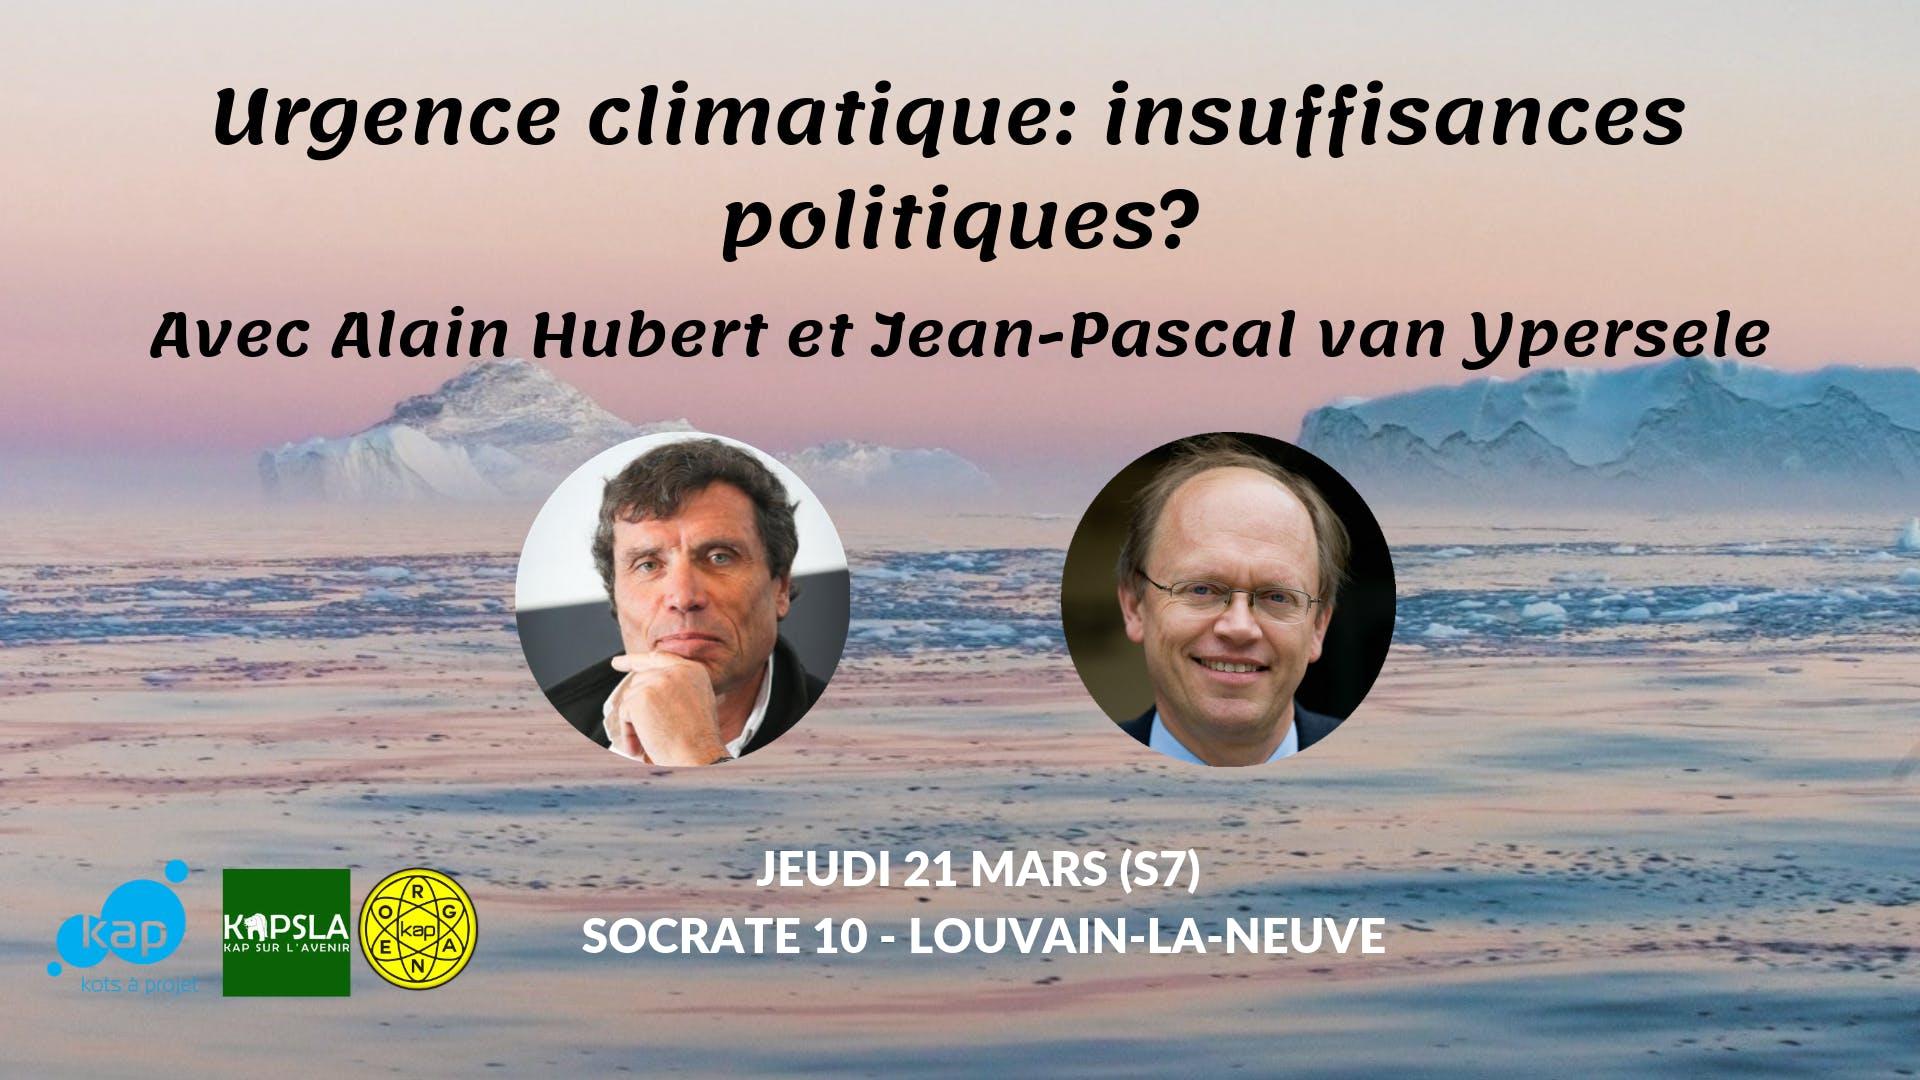 Urgence climatique: insuffisances politiques